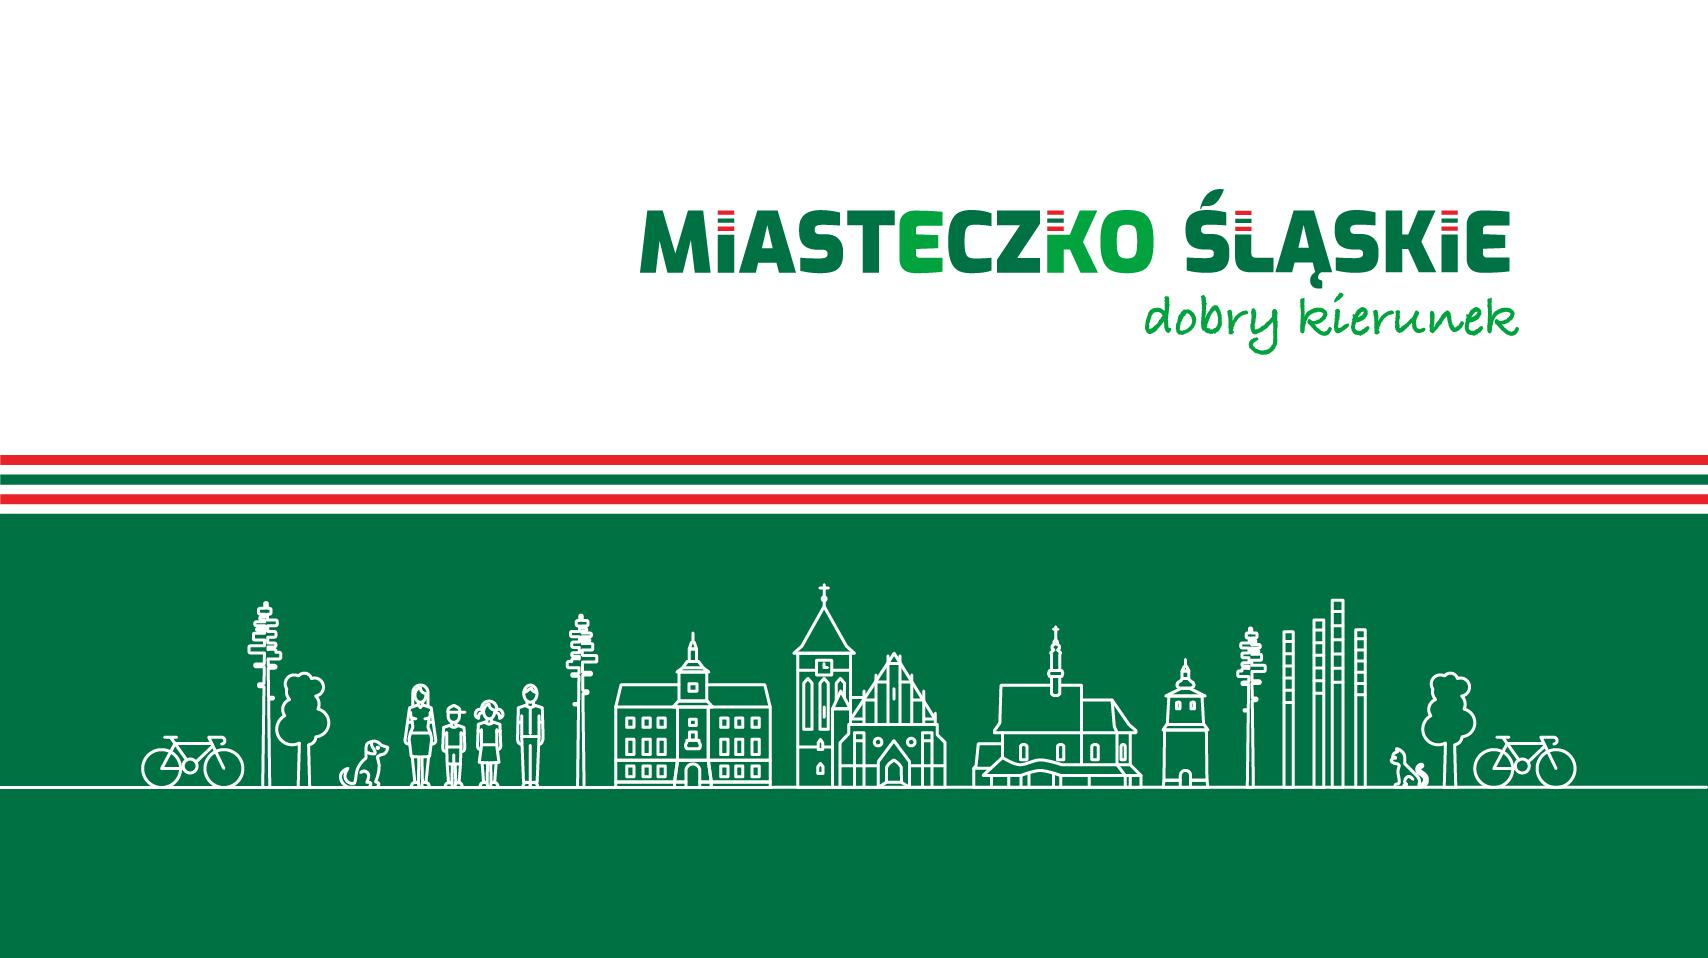 Urząd Miejski oraz Centrum Sportu i Rekreacji w Miasteczku Śląskim